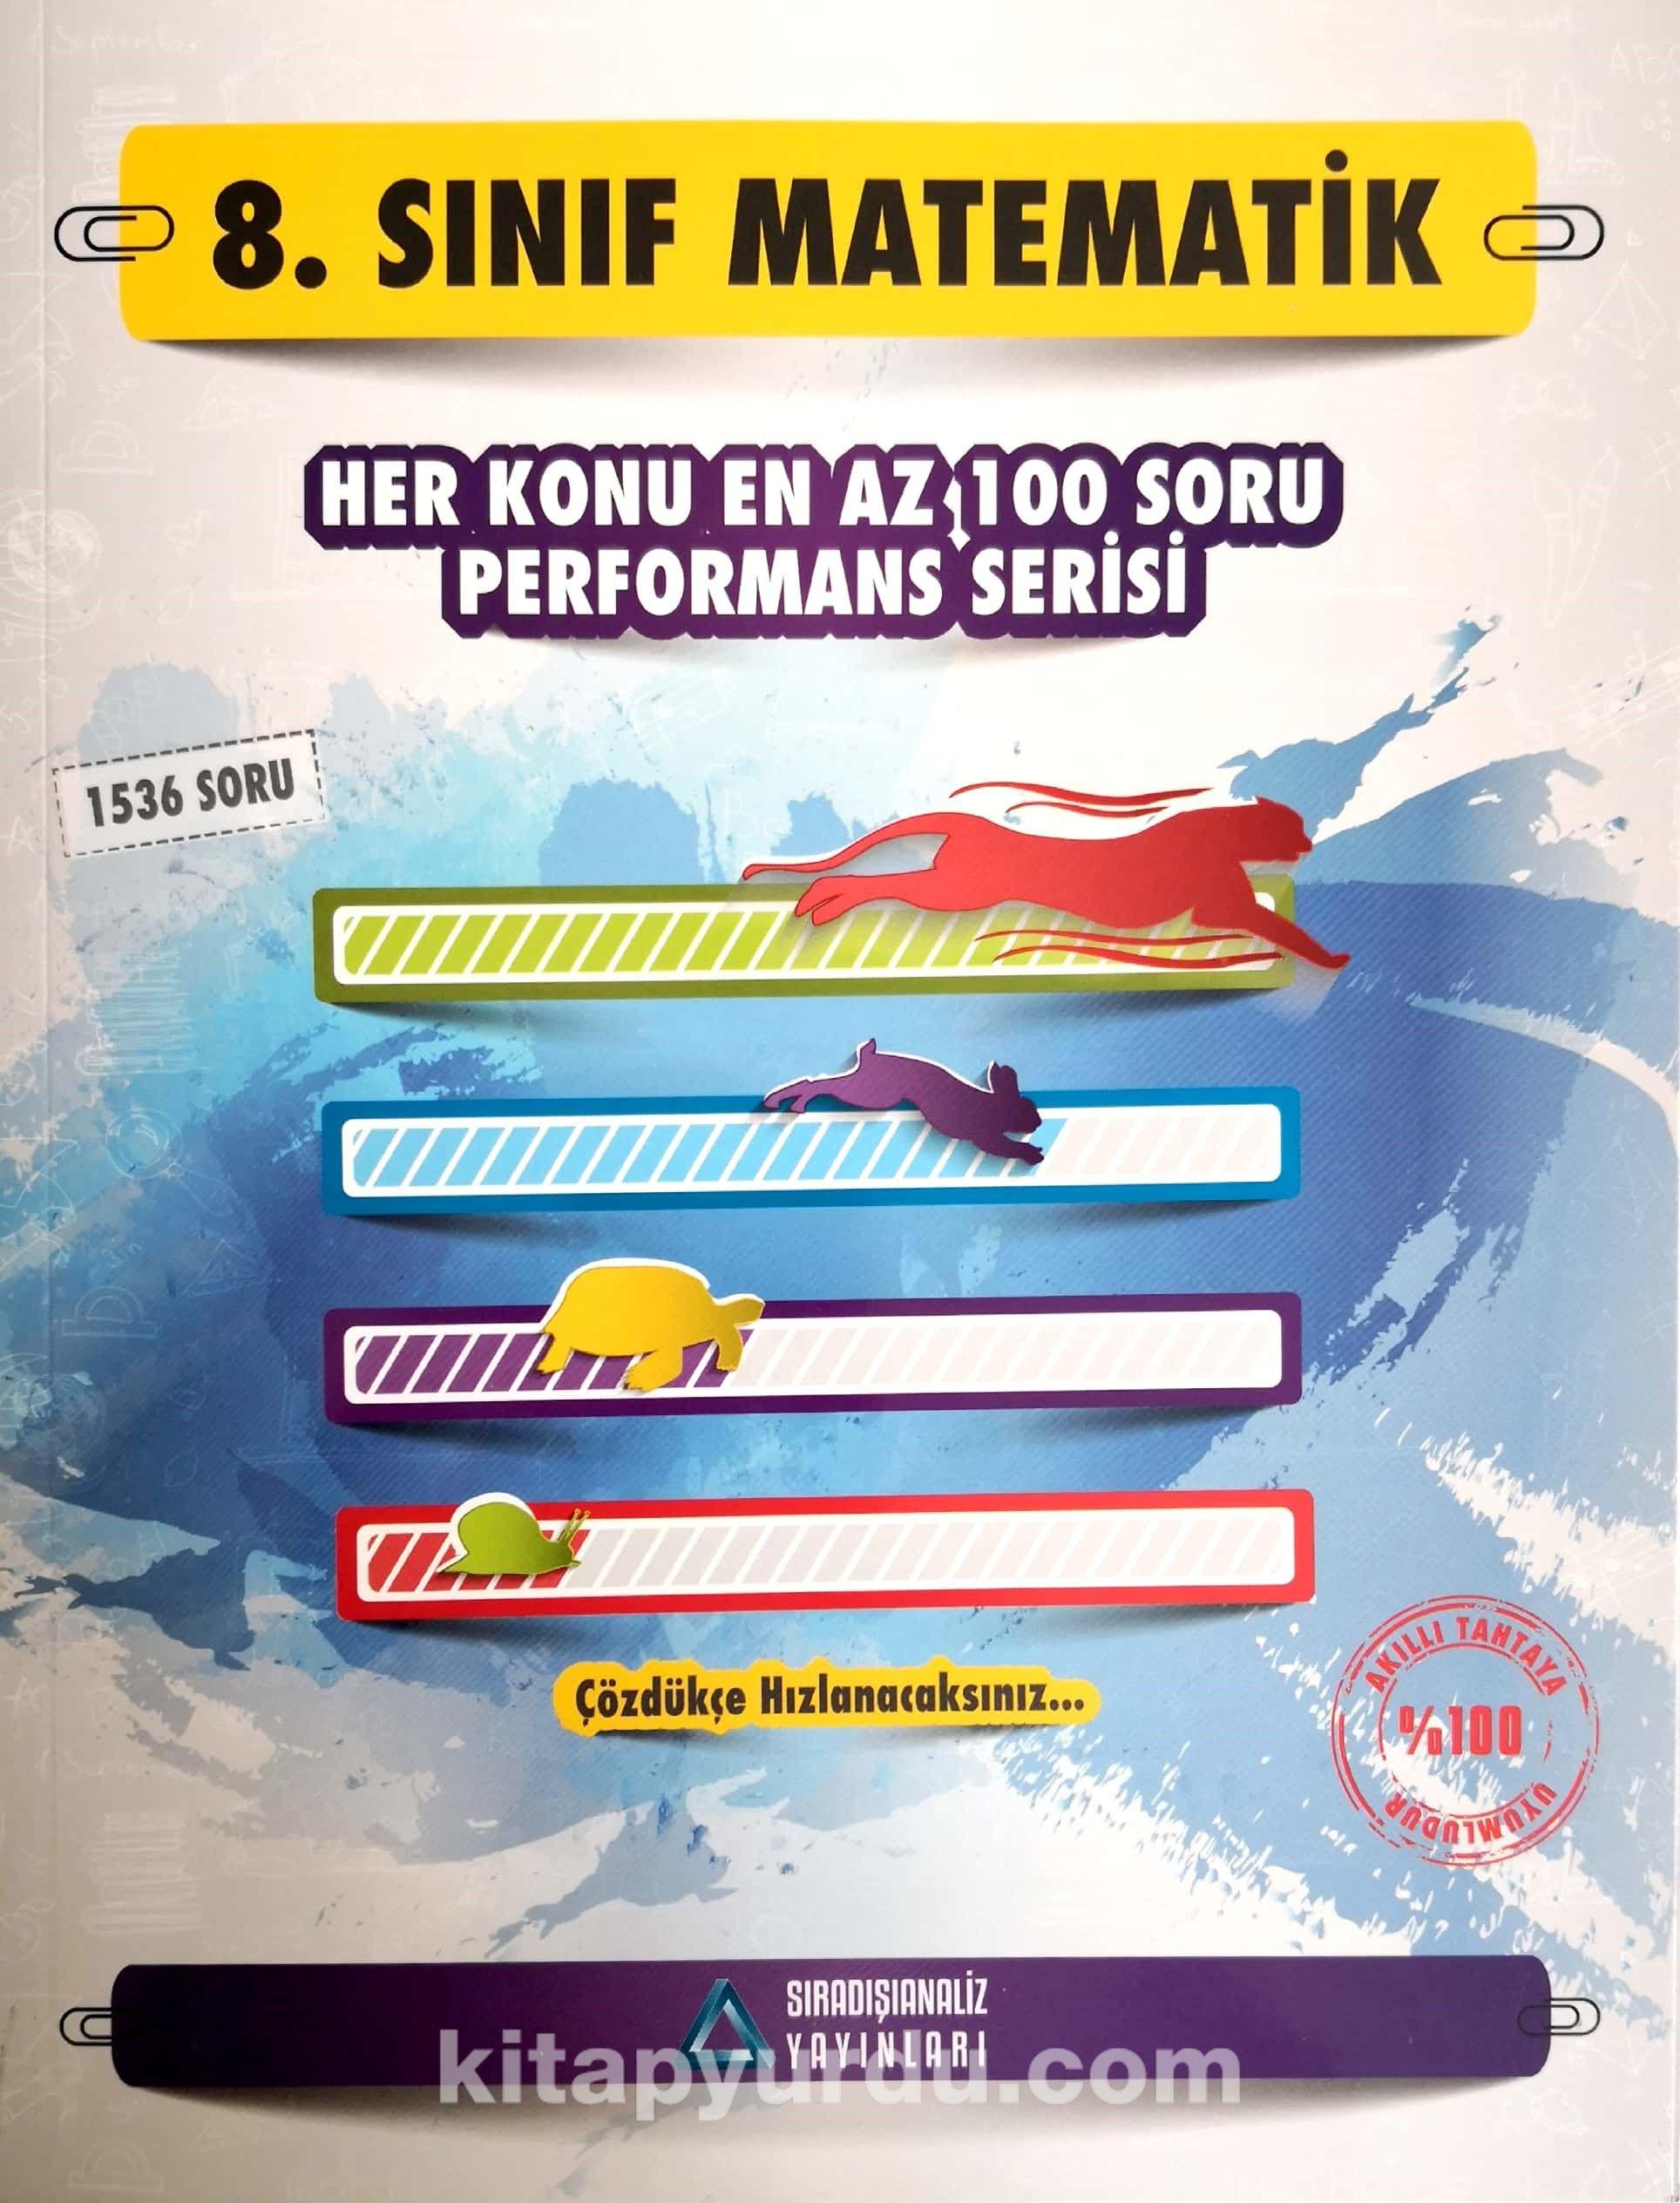 8. Sınıf Matematik Performans Serisi Soru Bankası